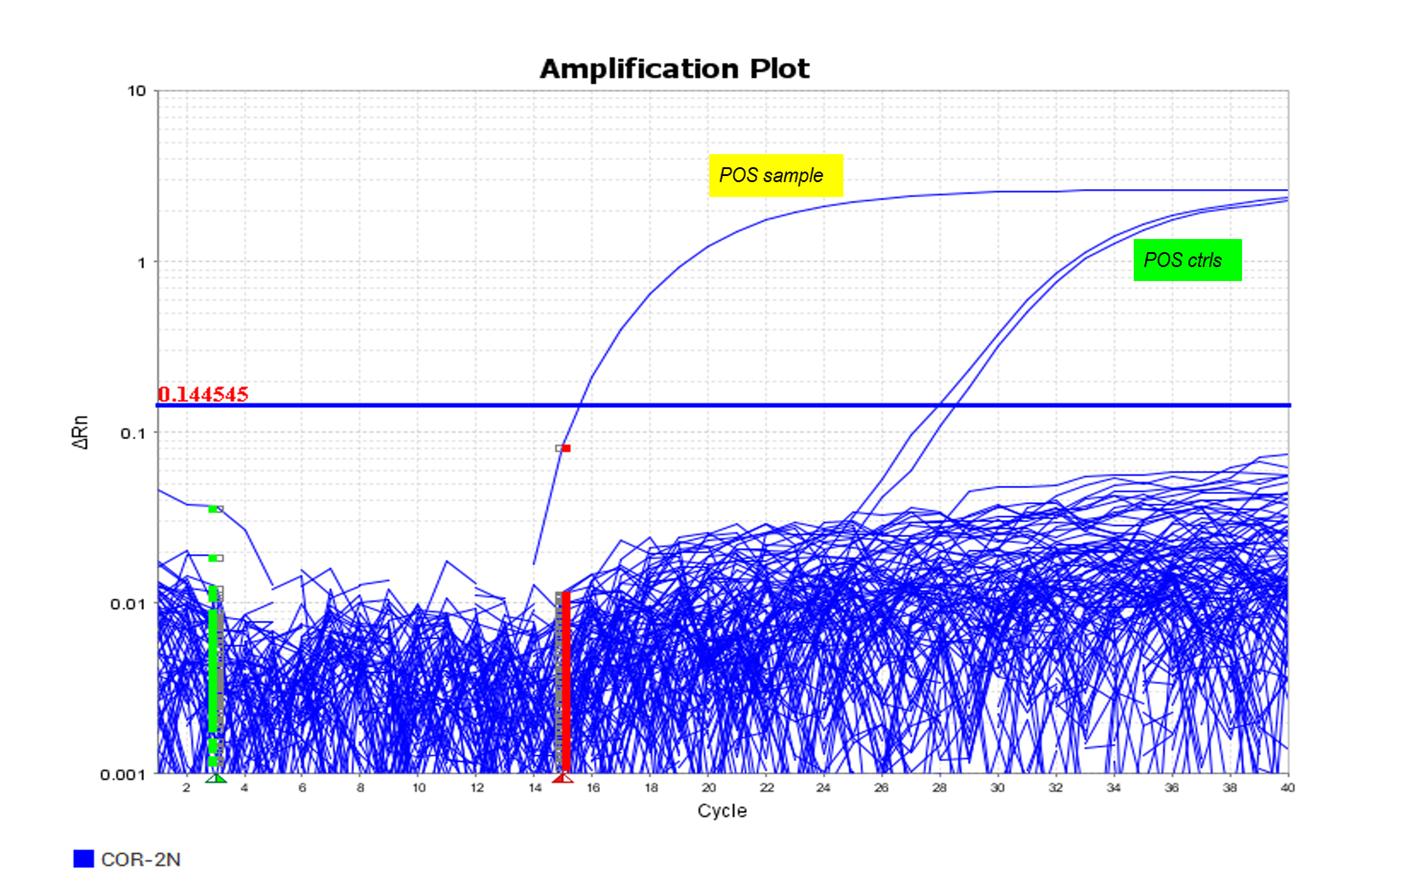 Рисунок 2. Кривые амплификации для образцов из 384-луночного планшета